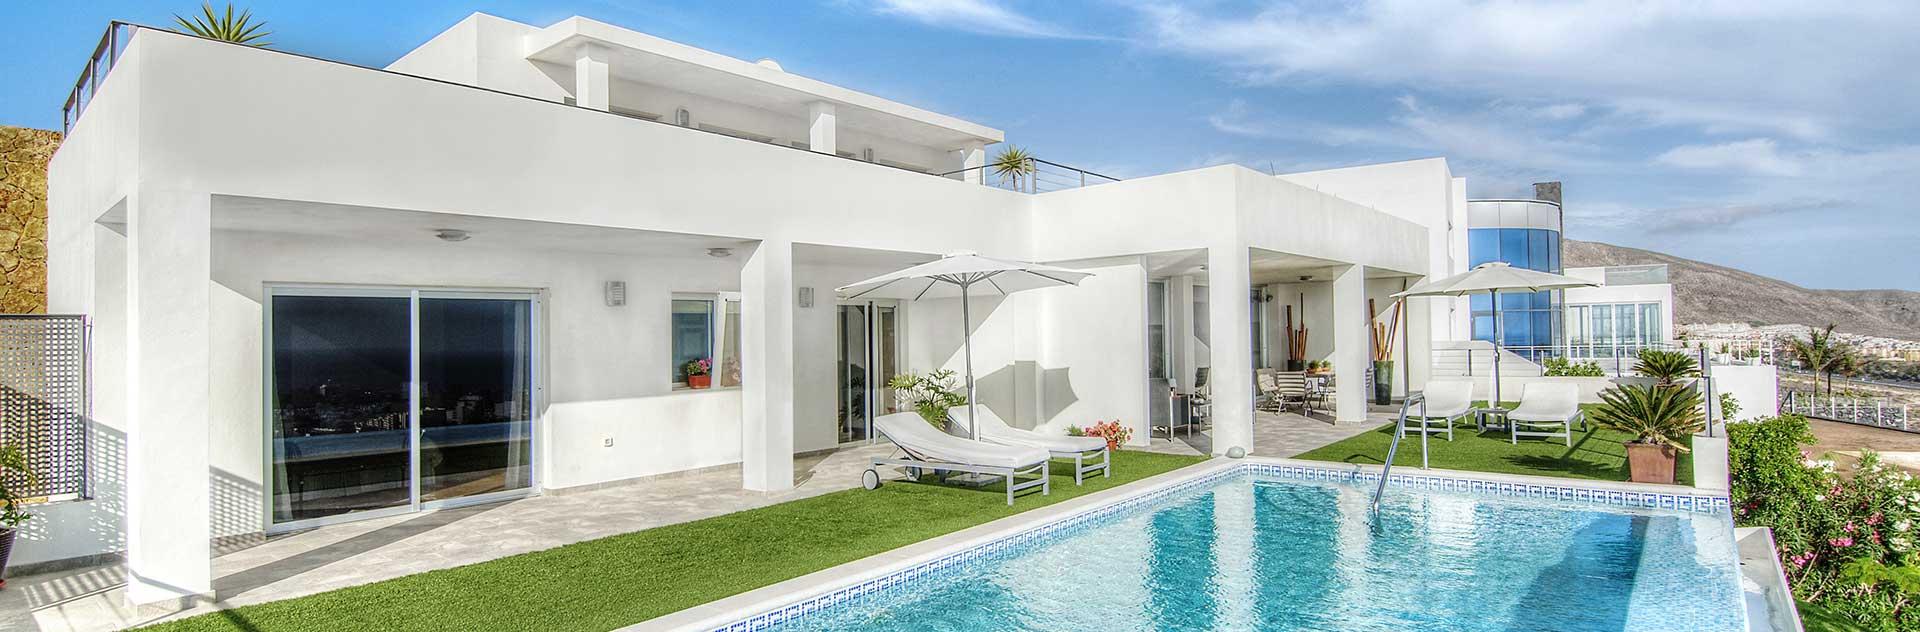 Inmobiliaria en torrevieja y orihuela costa pisos venta en torrevieja comprar piso en torrevieja - Alquiler de casas en logrono ...